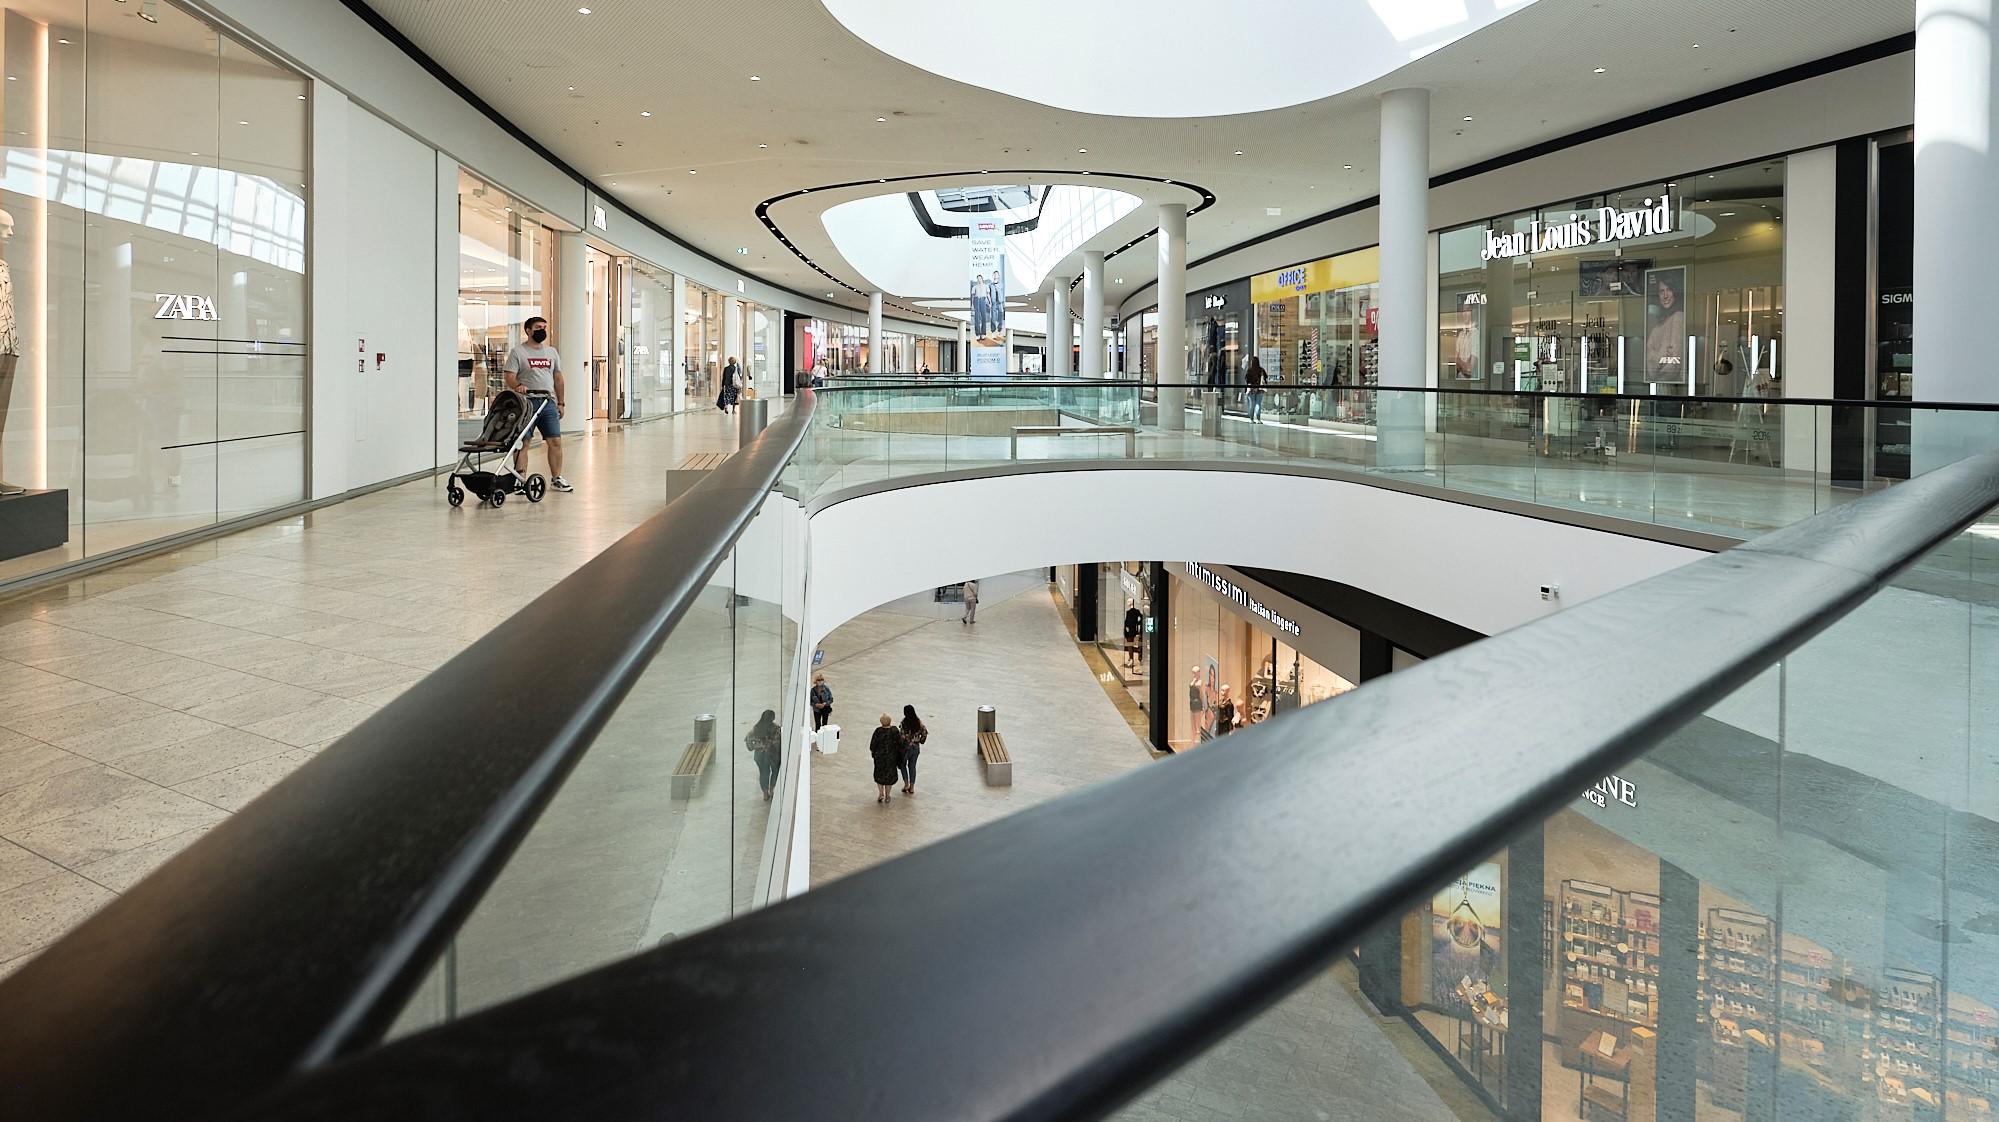 Czerwcowa odwiedzalność centrów handlowych najwyższa od początku roku